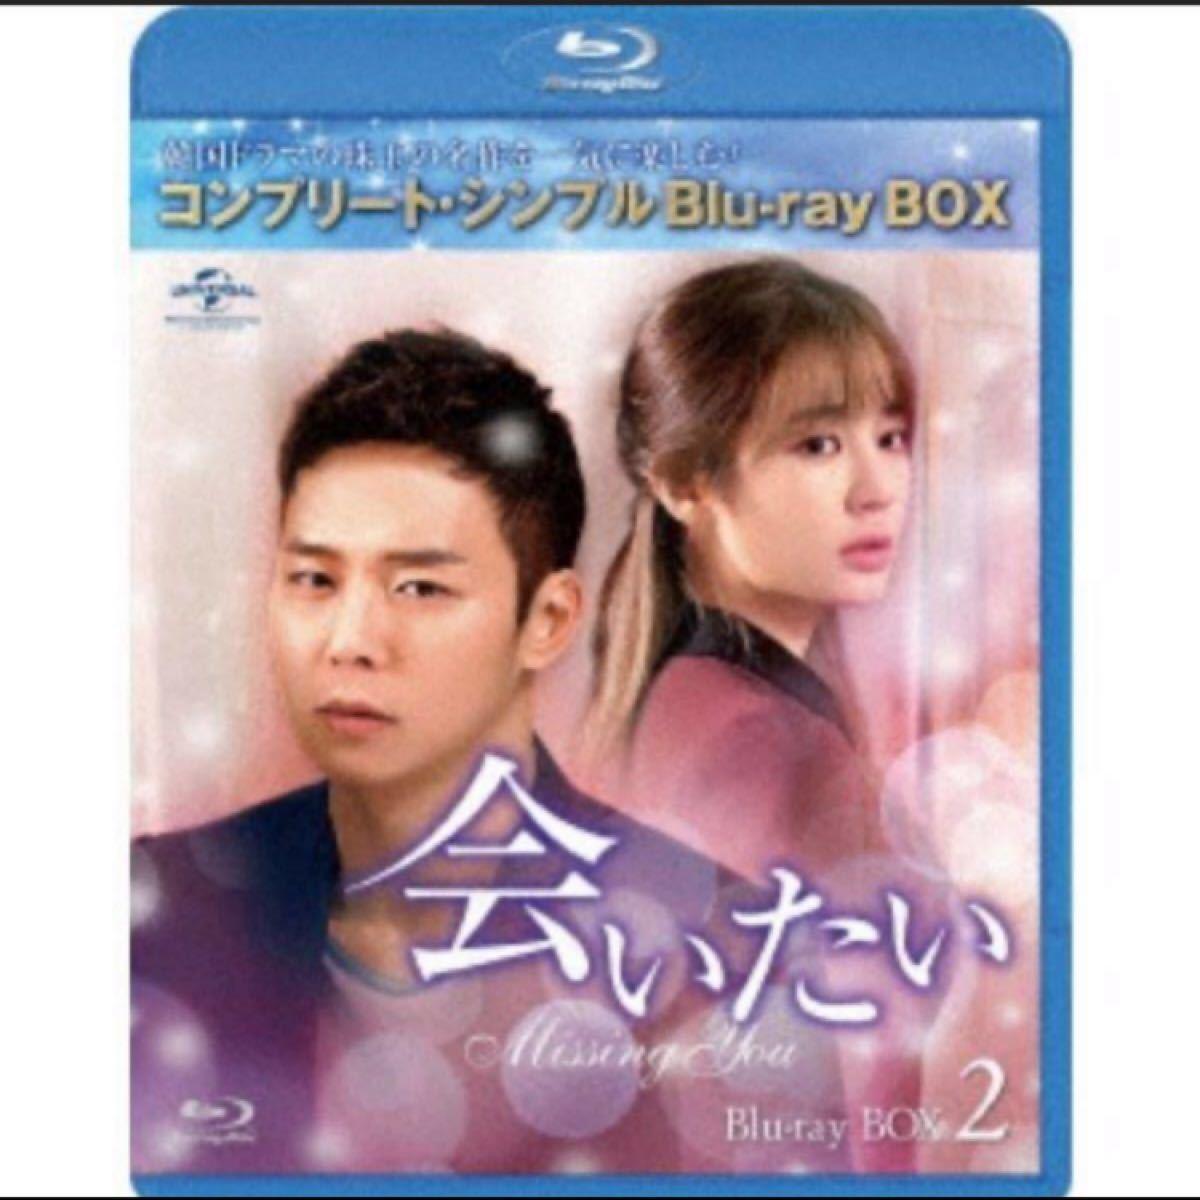 韓国ドラマ 会いたい BD-BOX1と2 コンプリートBOX〈期間限定生産版〉